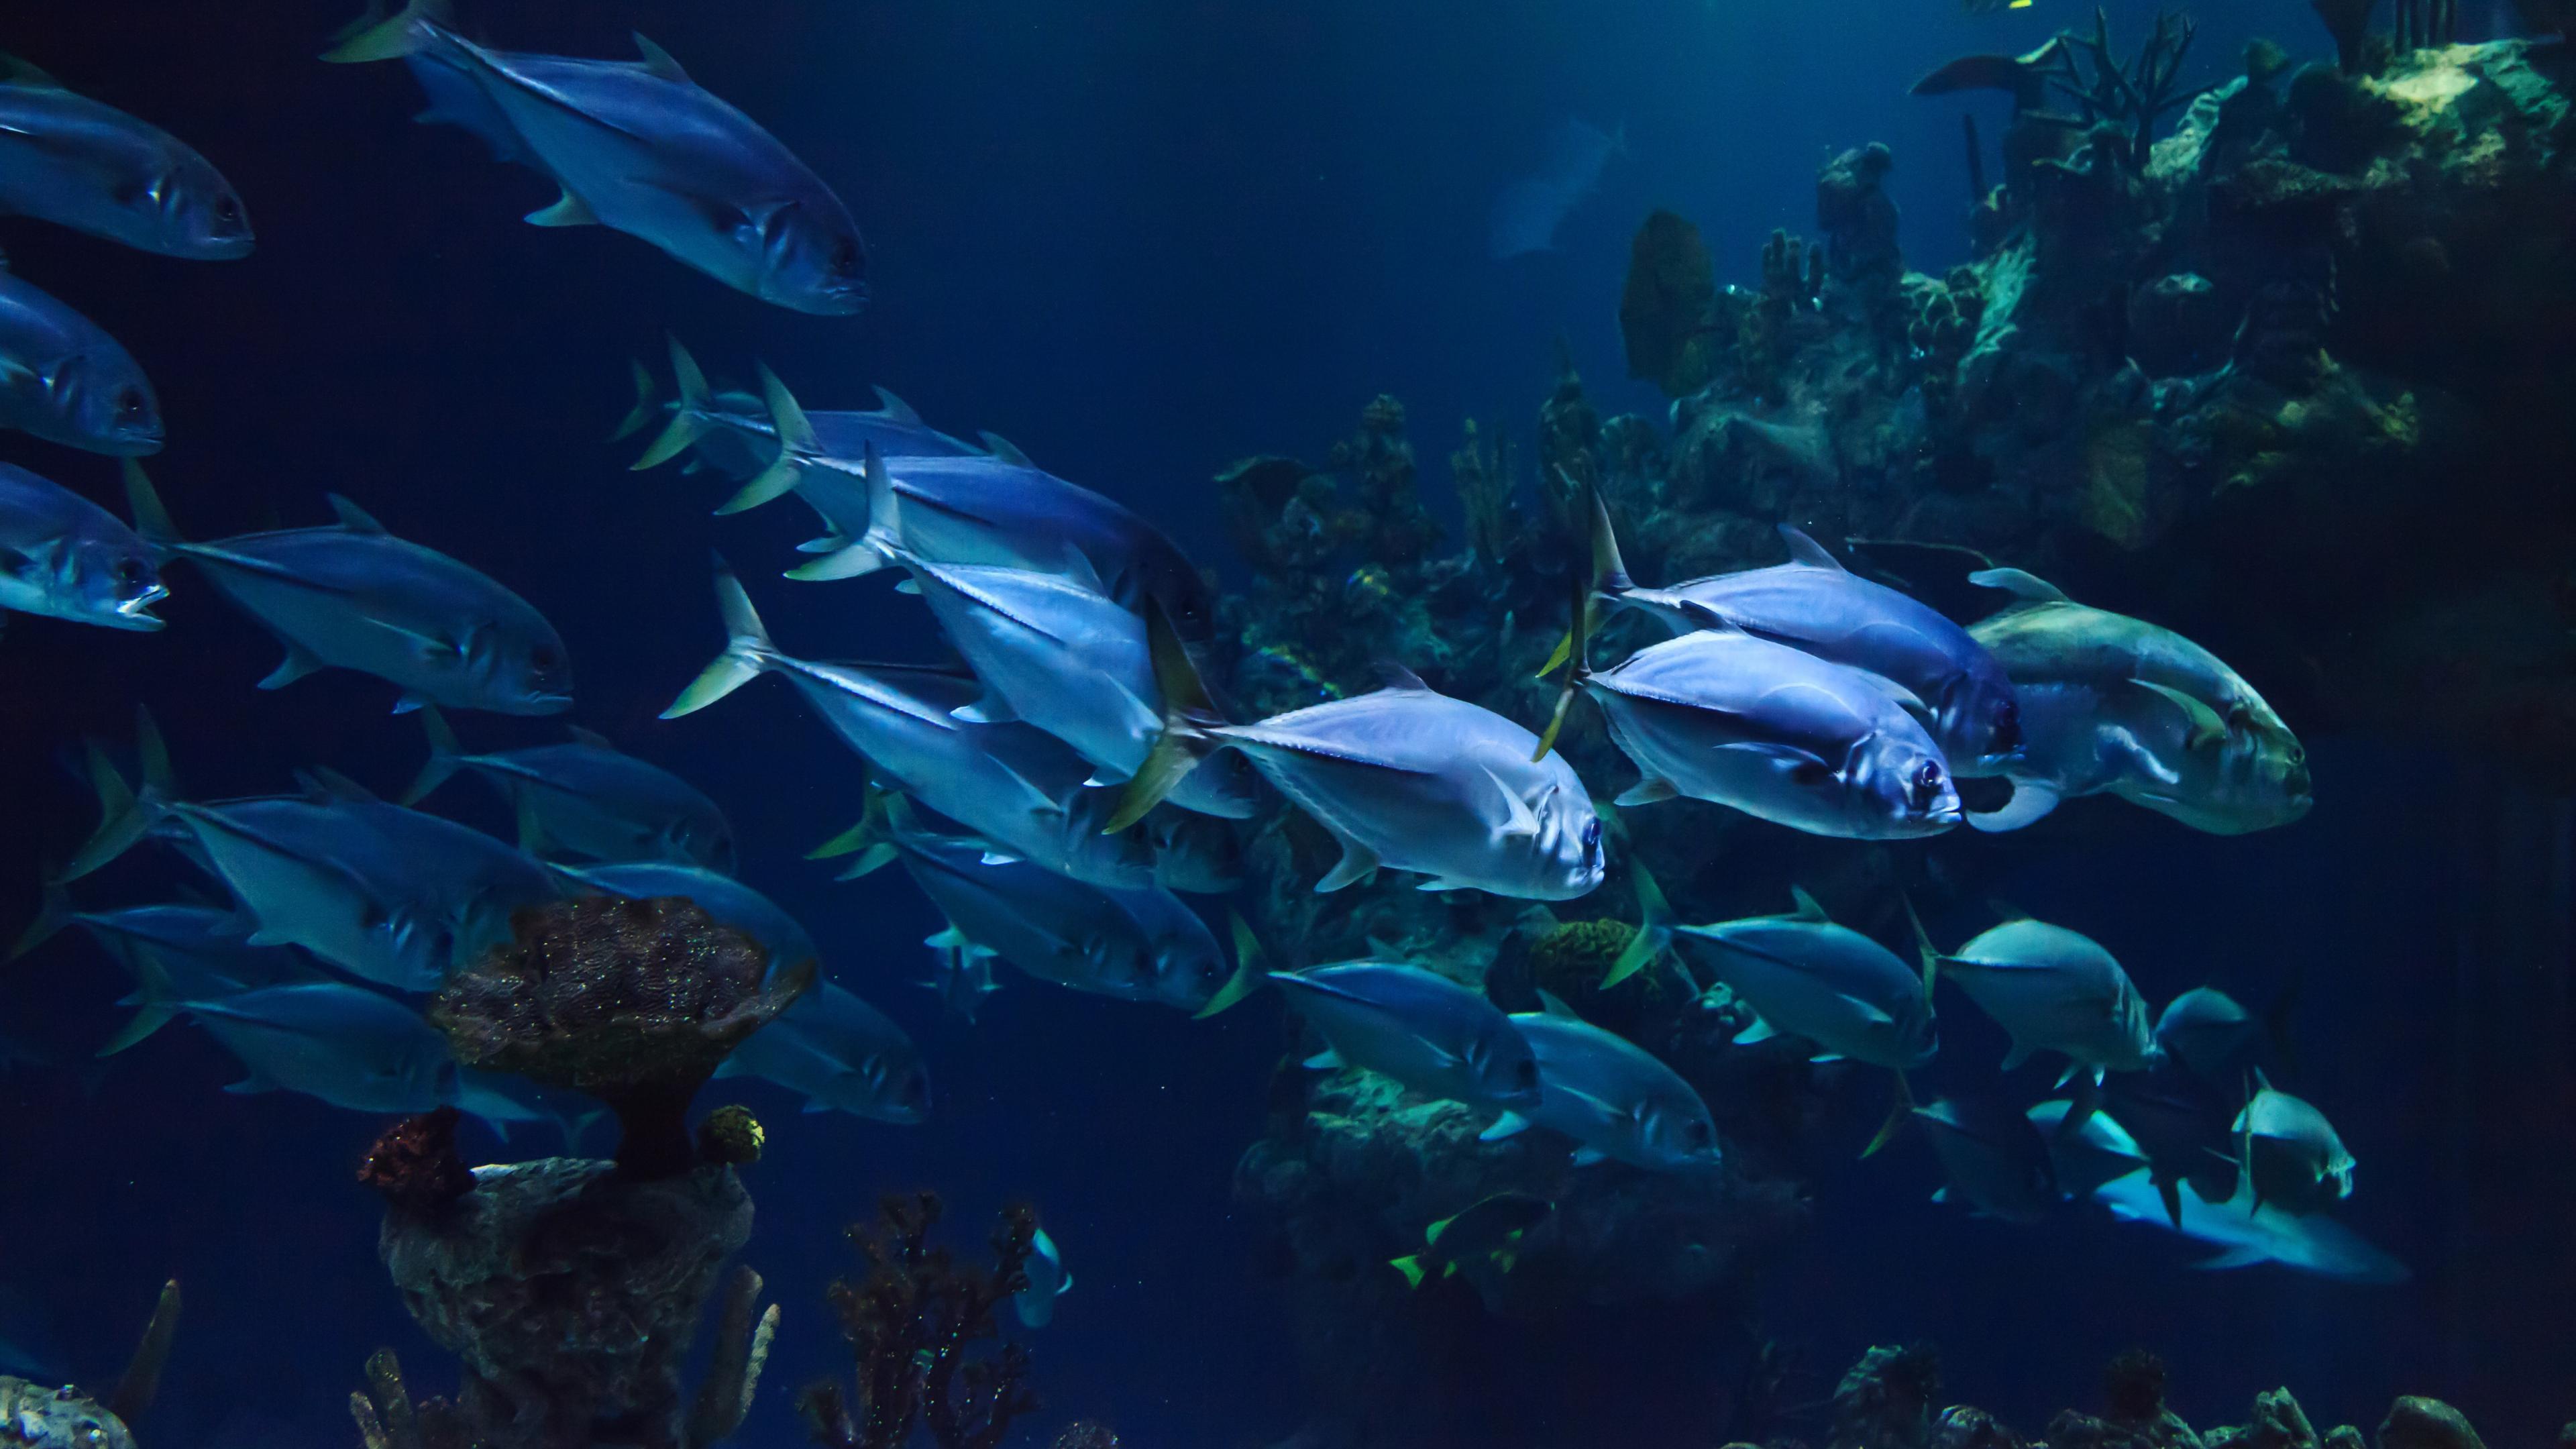 Нехватка кислорода заставляет рыб мигрировать вверх. Вероятно, причина в потеплении